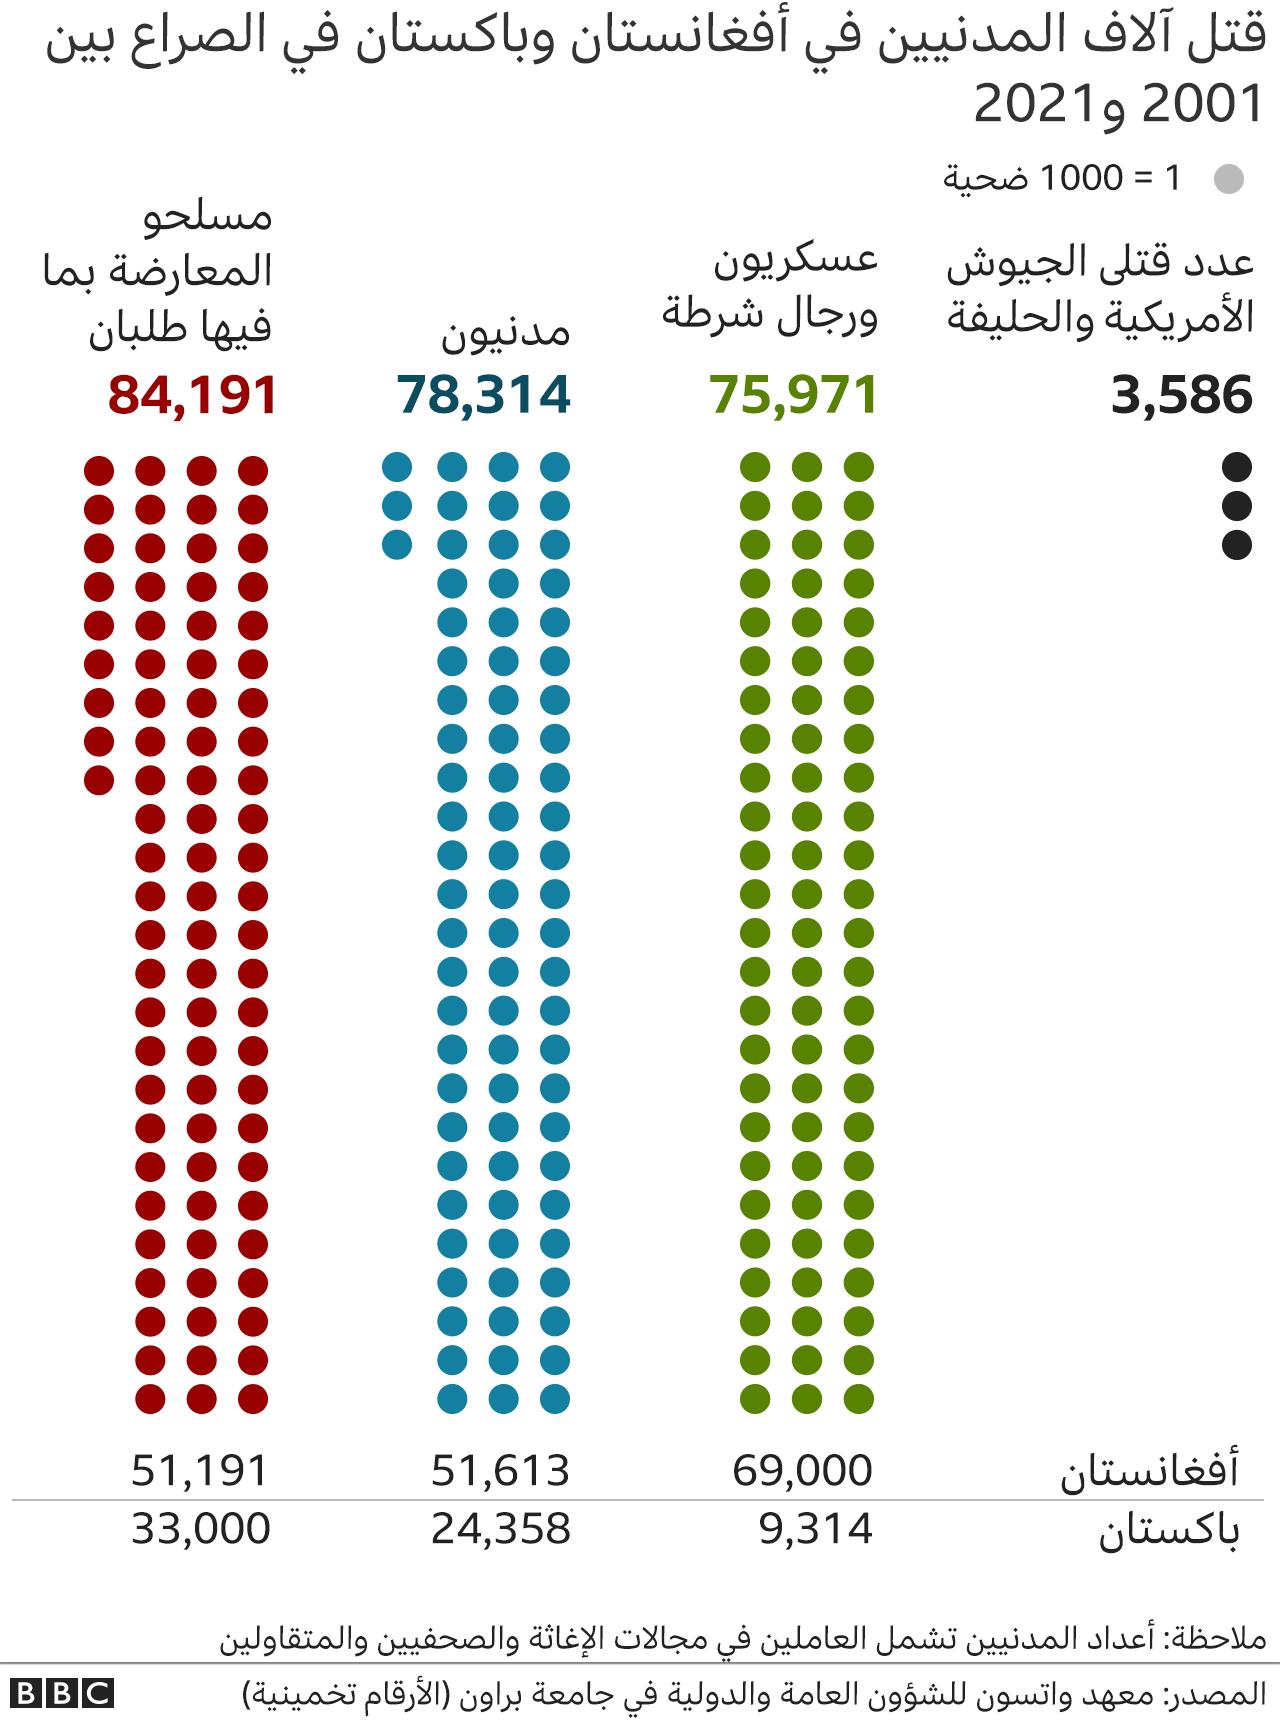 عدد القتلى في أفغانستان خلال 10 سنوات